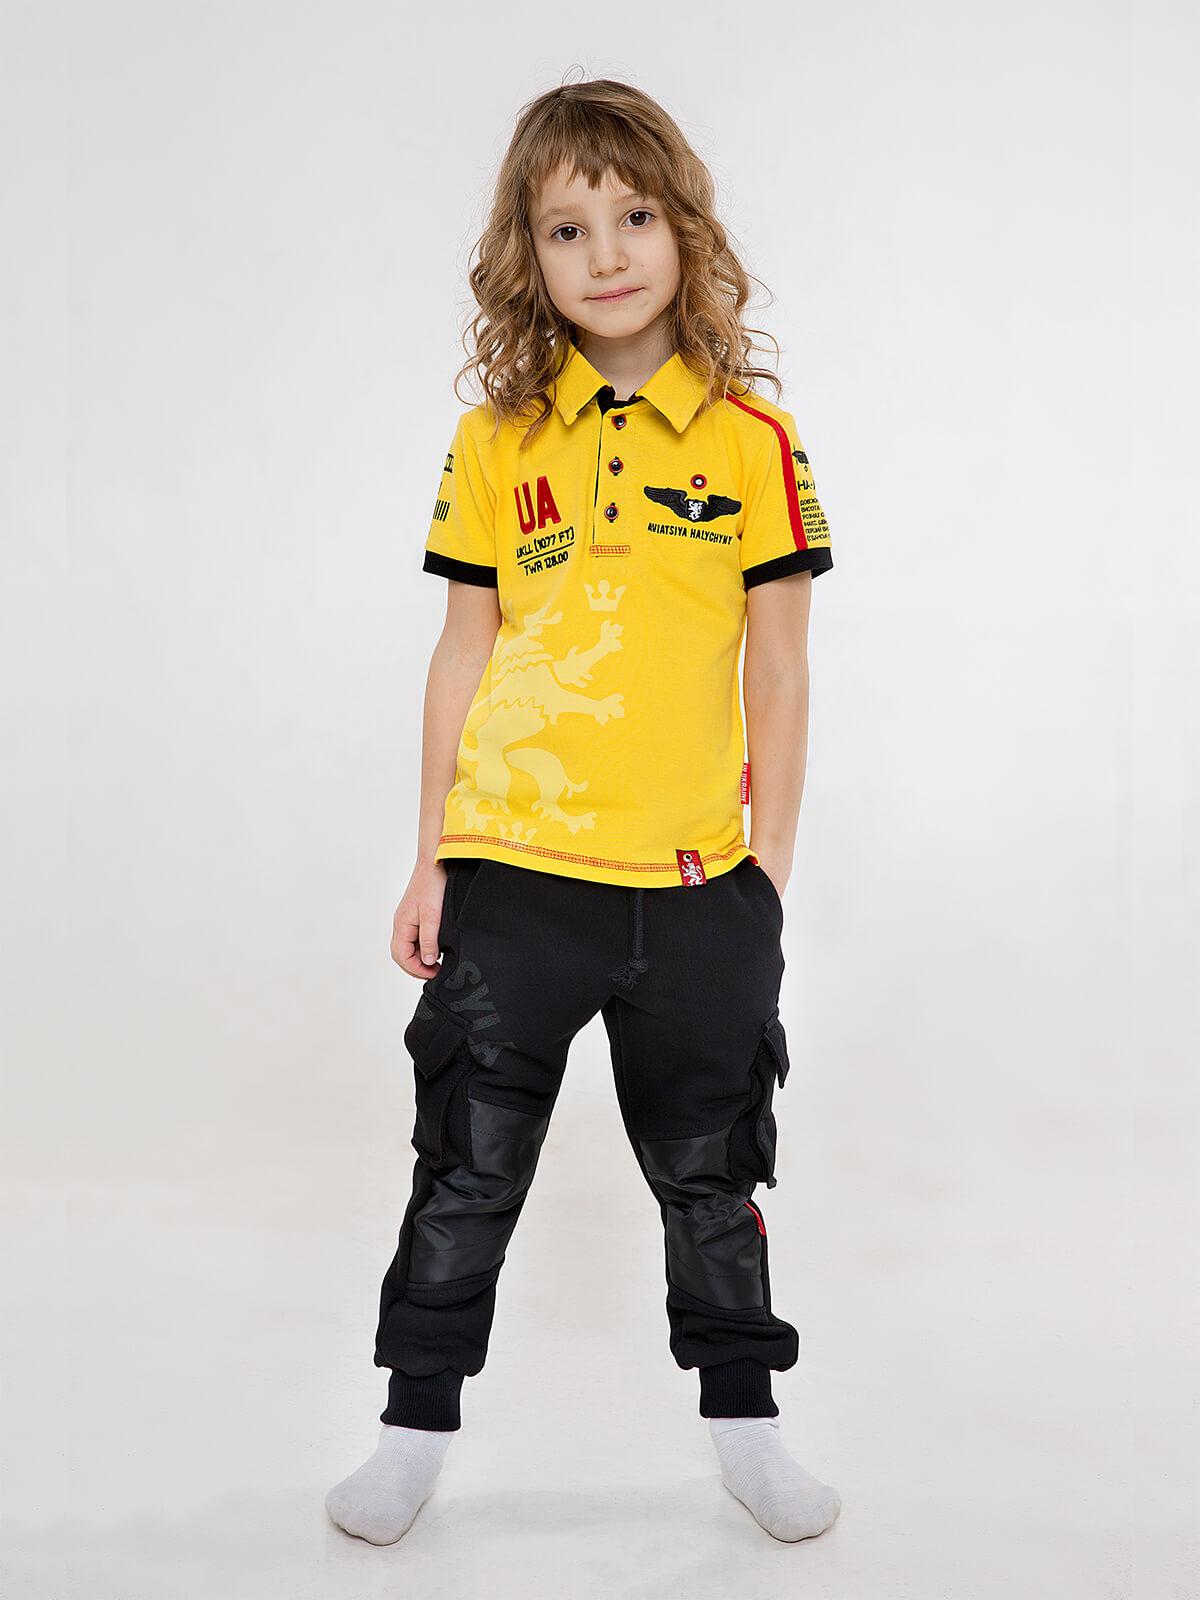 Дитяче Поло Follow Me. Колір жовтий. 4.